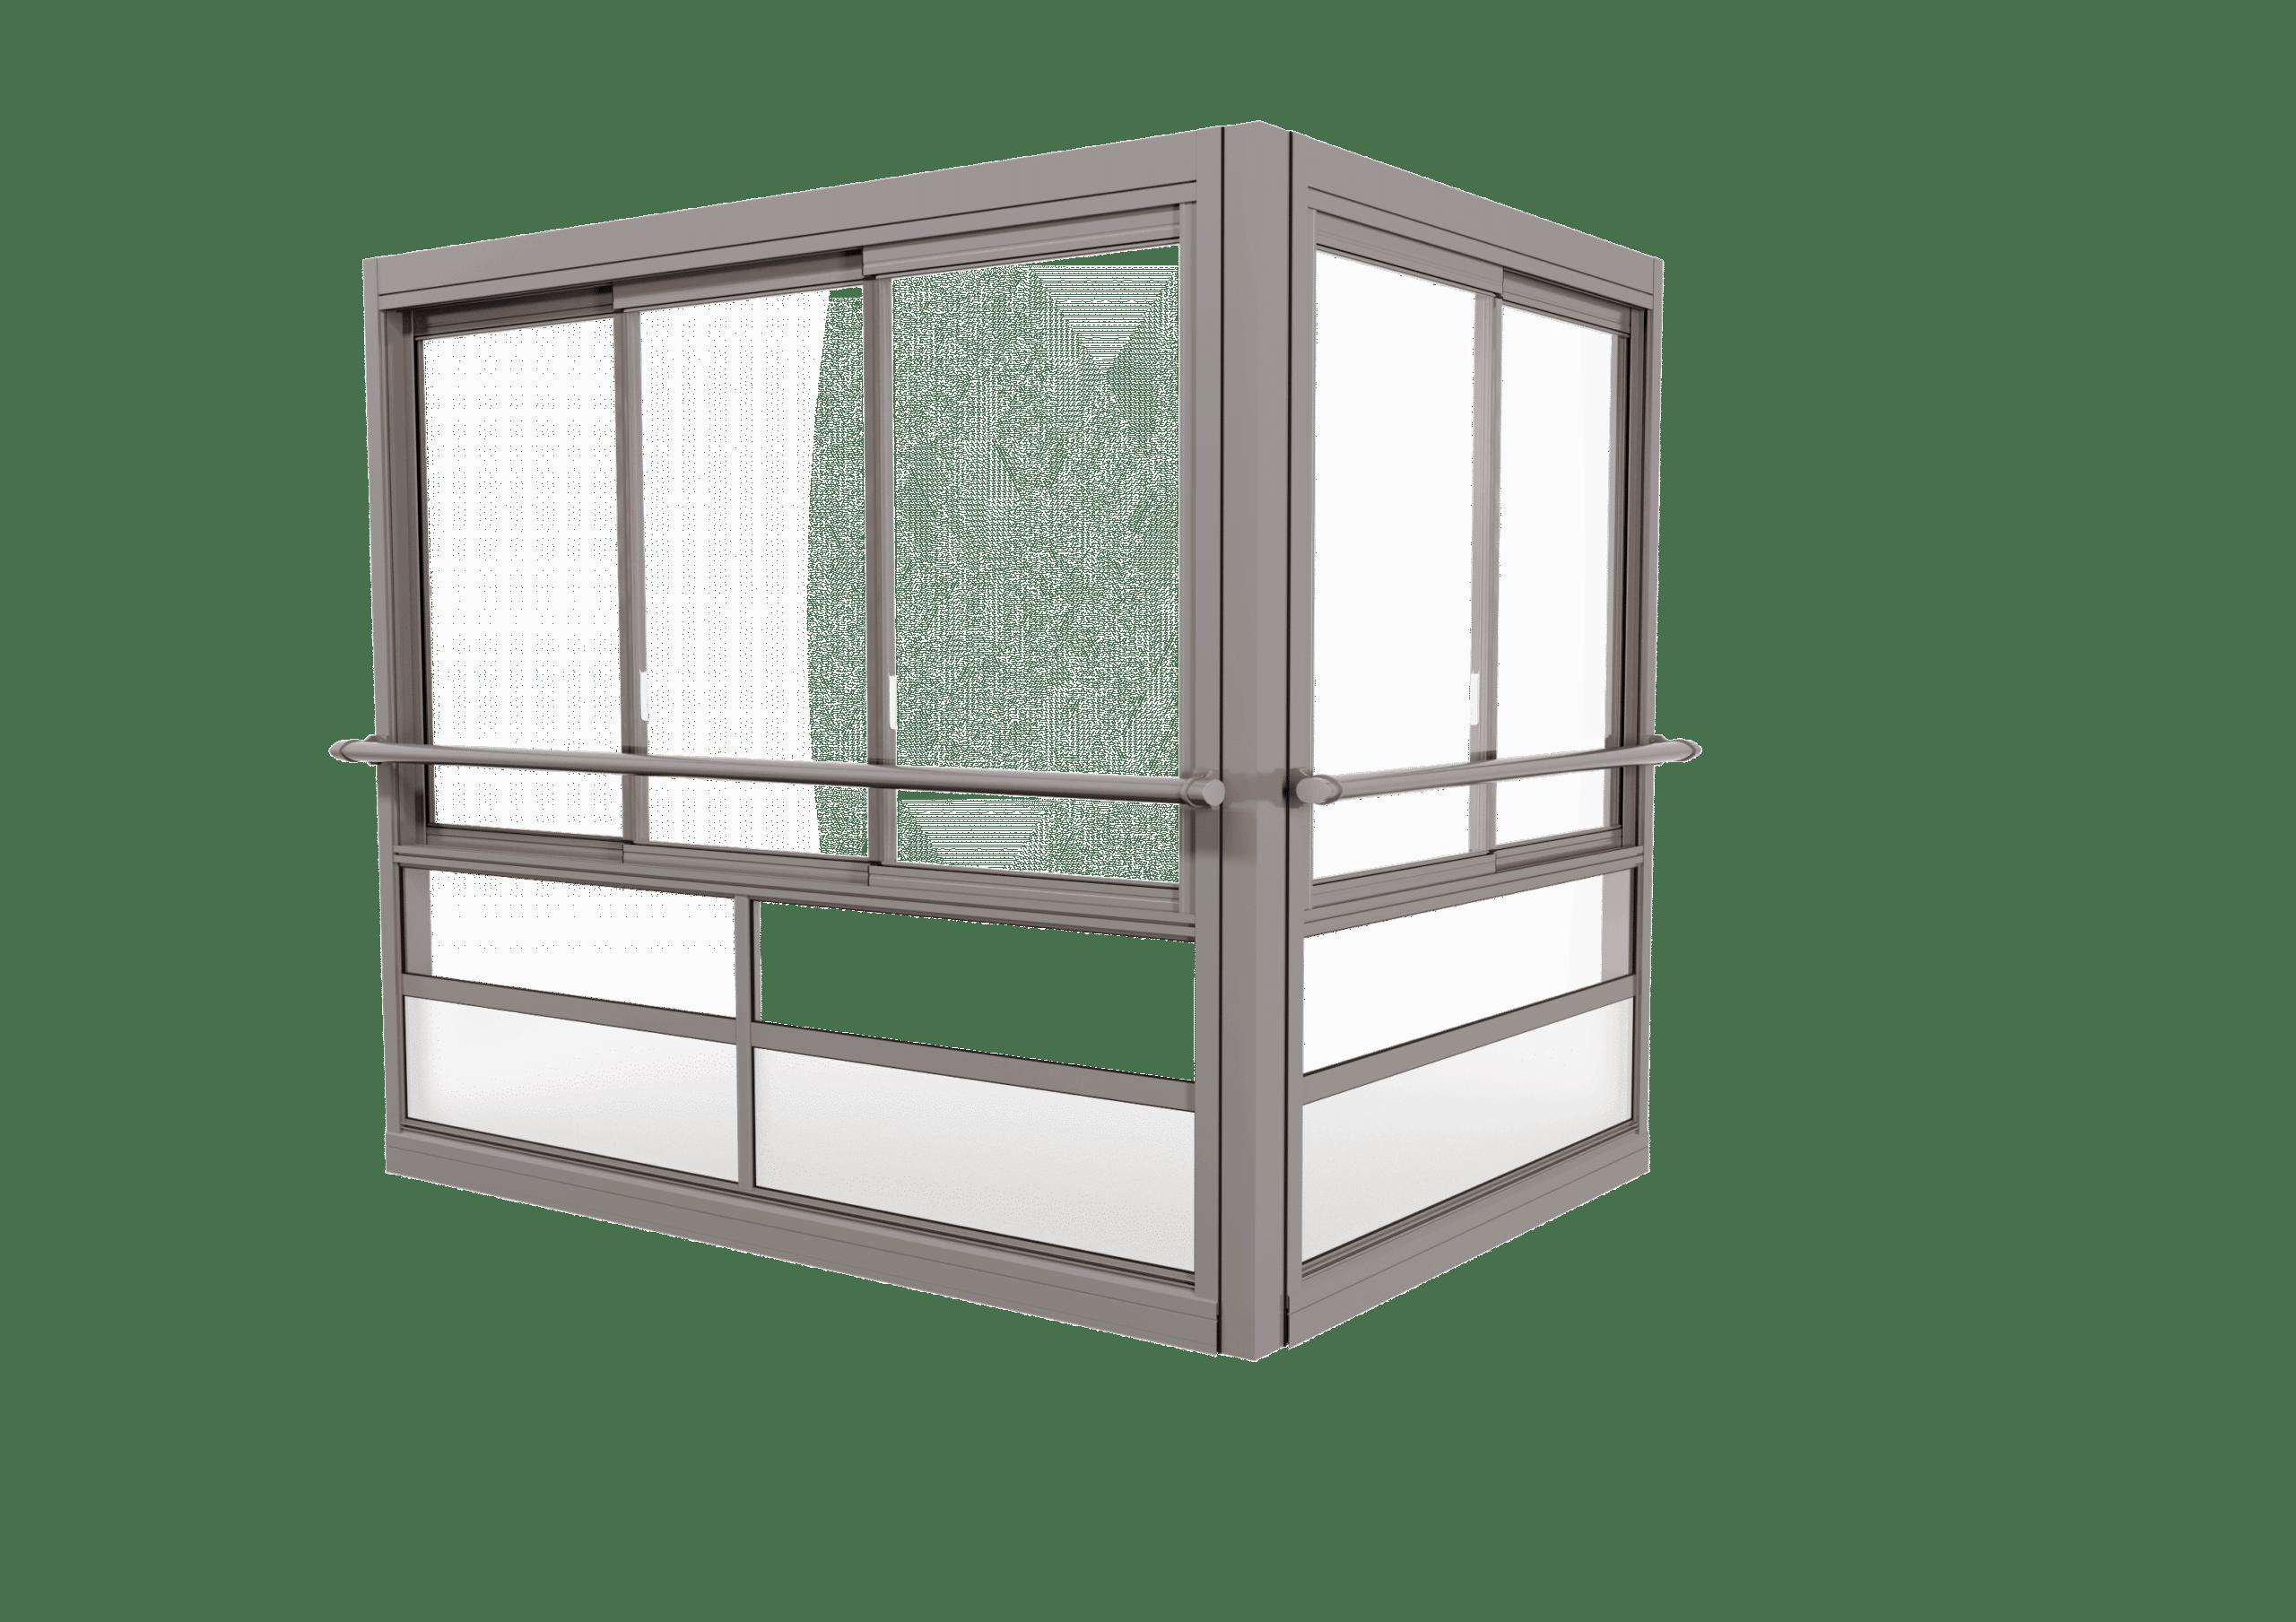 <span>TwinView™ Air </span>Verglasungssystem mit großen gerahmten Fenstern